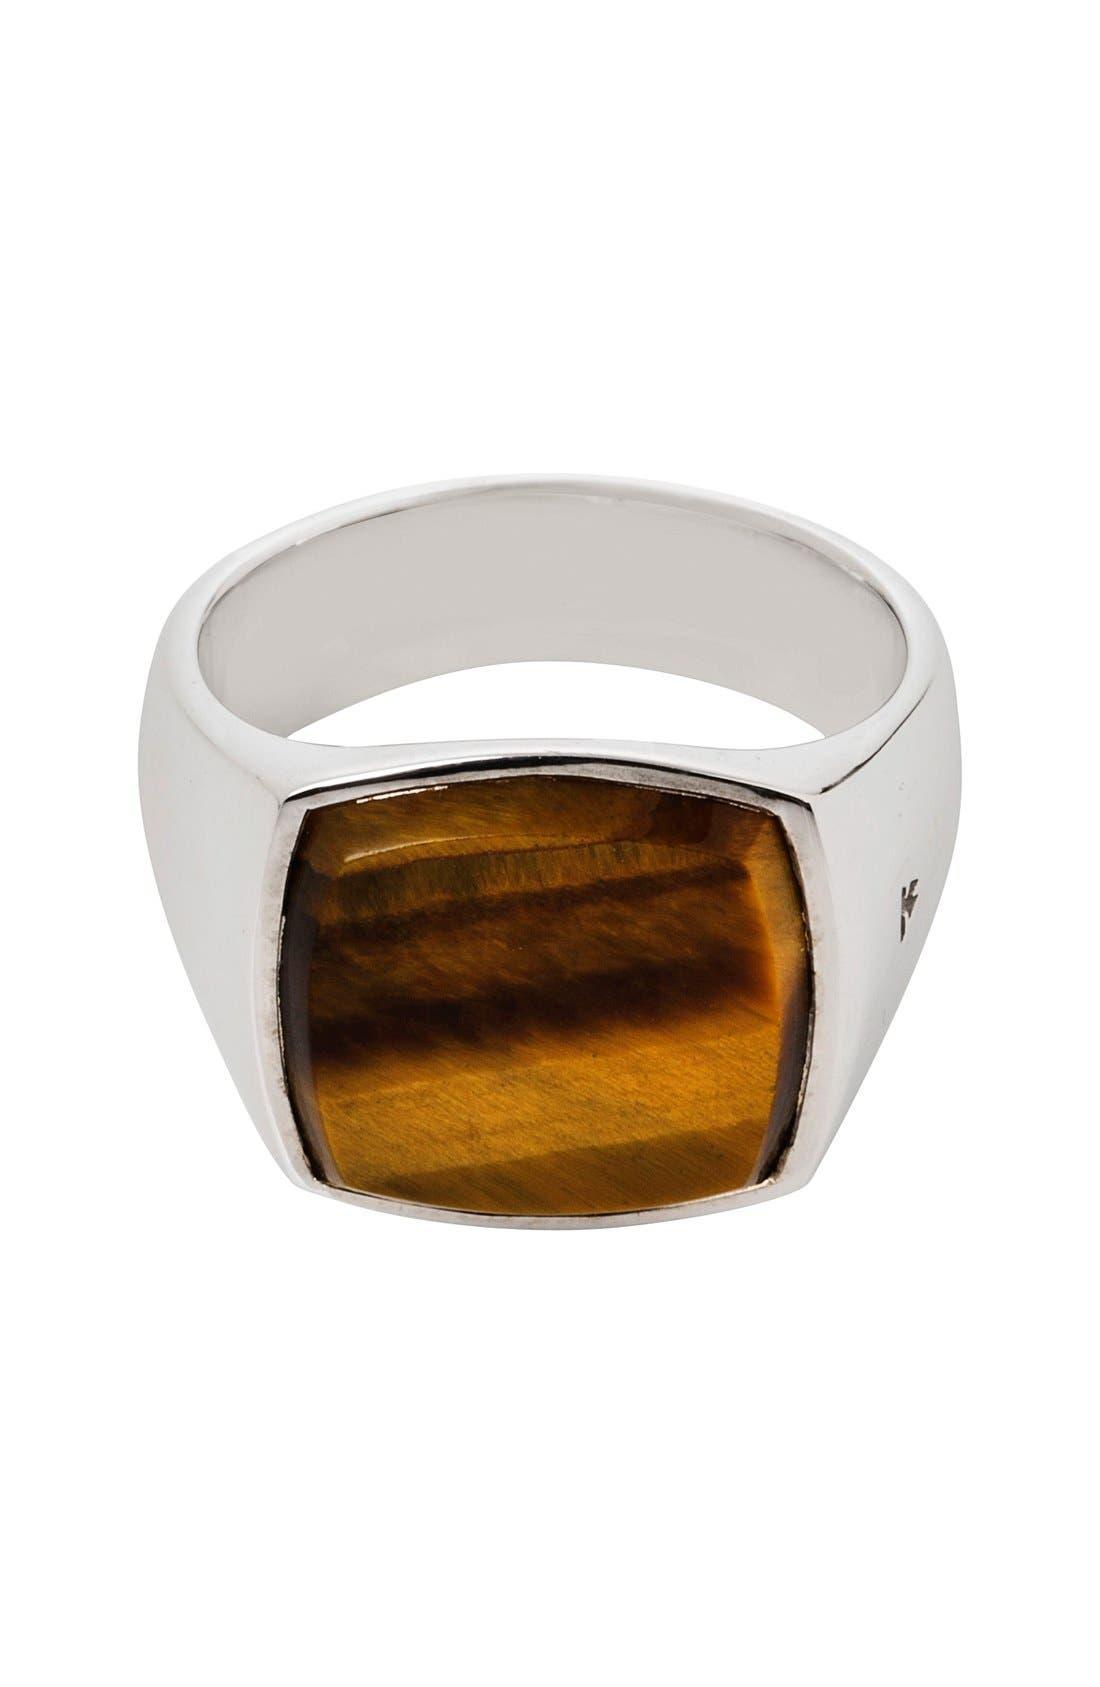 Main Image - Tom Wood Cushion Tiger's Eye Signet Ring